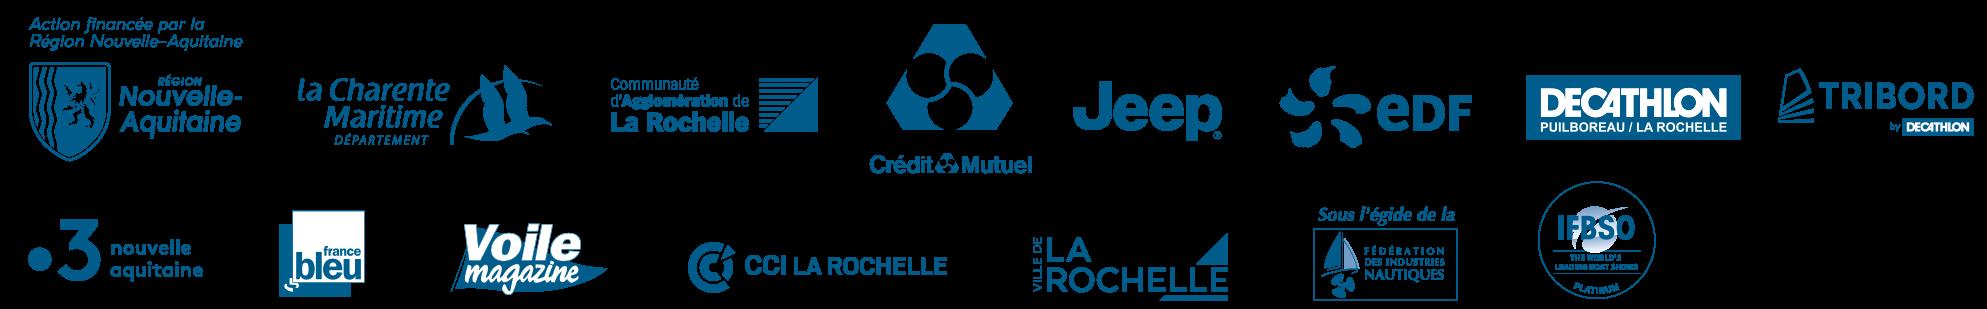 Les partenaires du Grand Pavois La Rochelle 2021